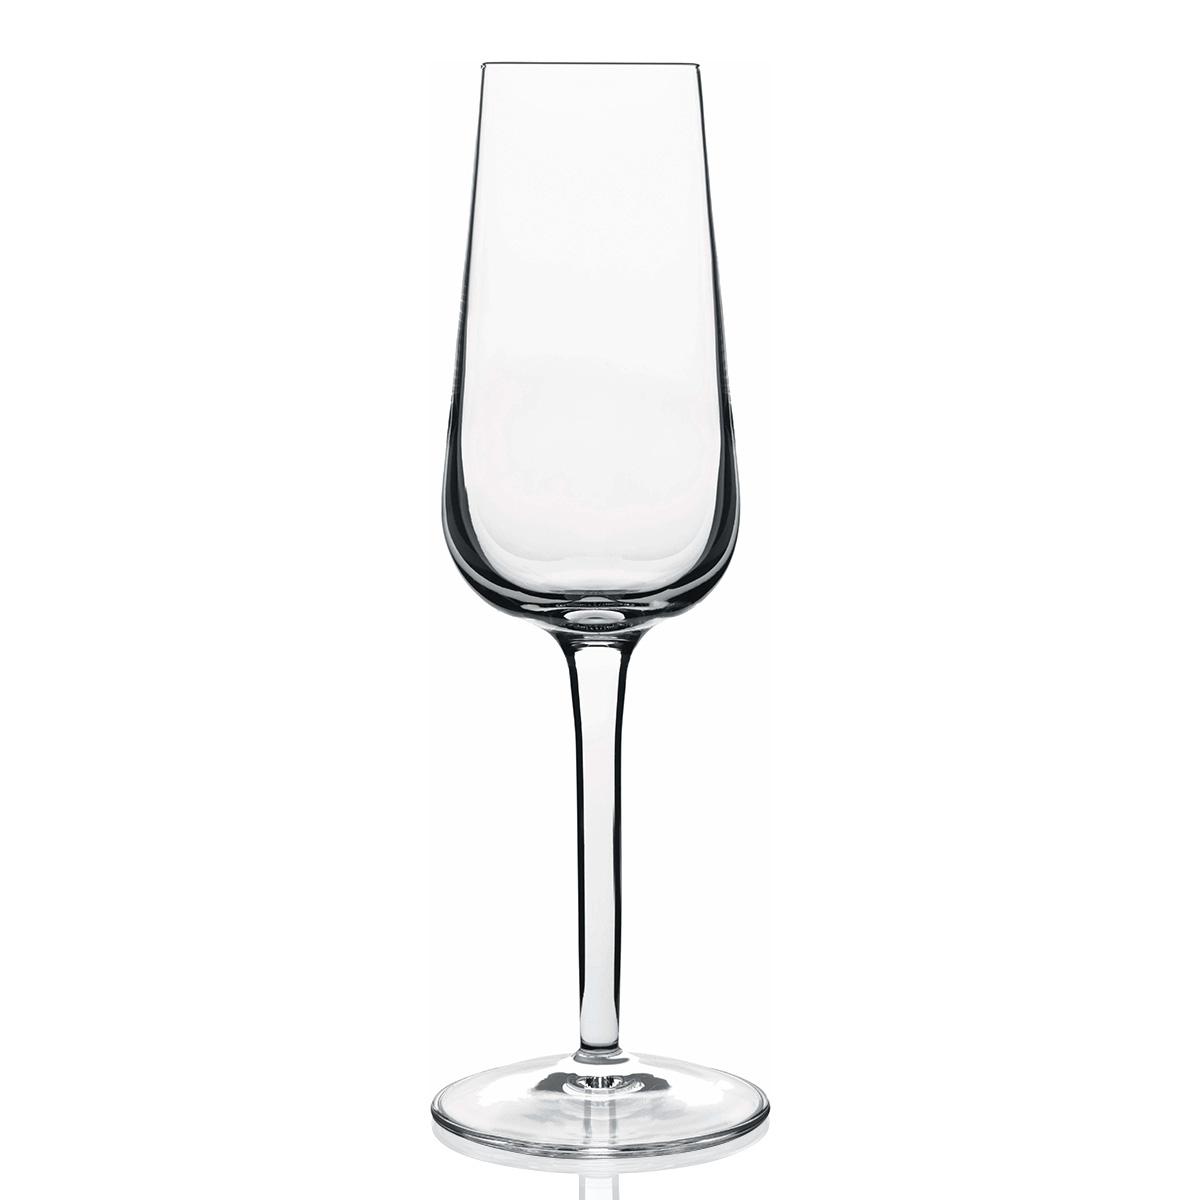 Billede af Luigi Bormioli champagneglas - Eden - 6 stk.